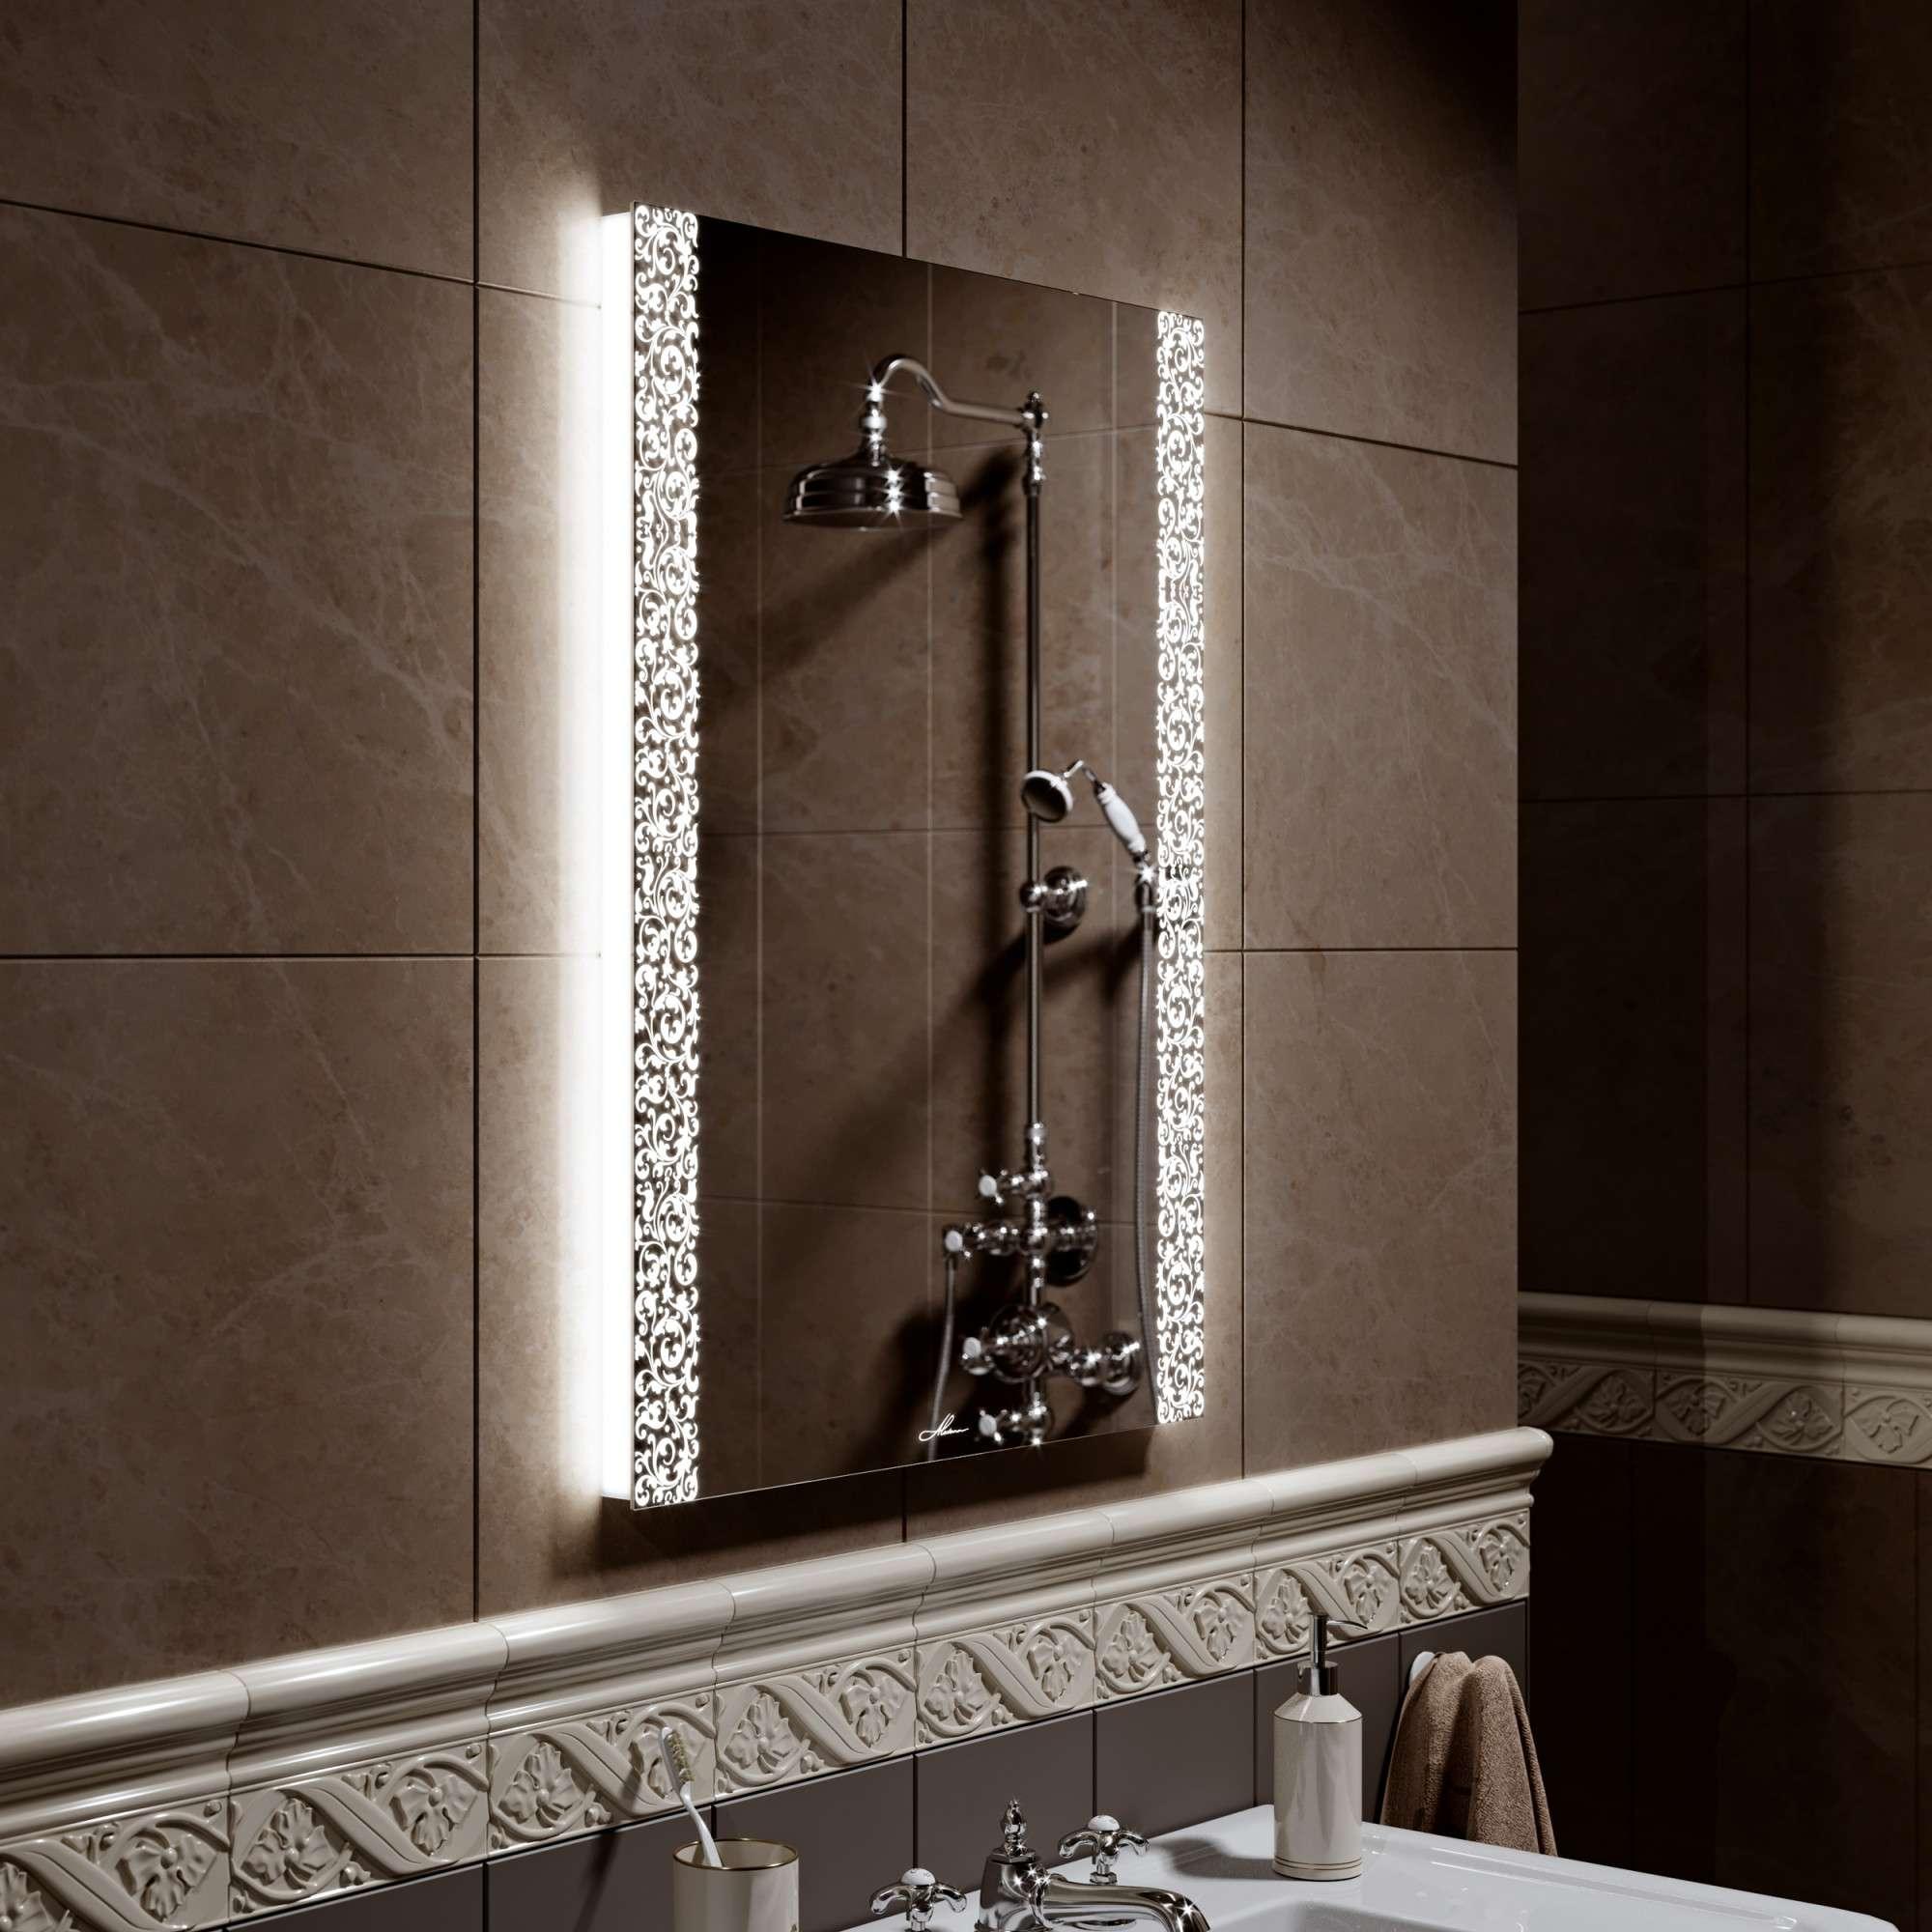 Зеркало с подсветкой Delveto 70 +13 500 руб.